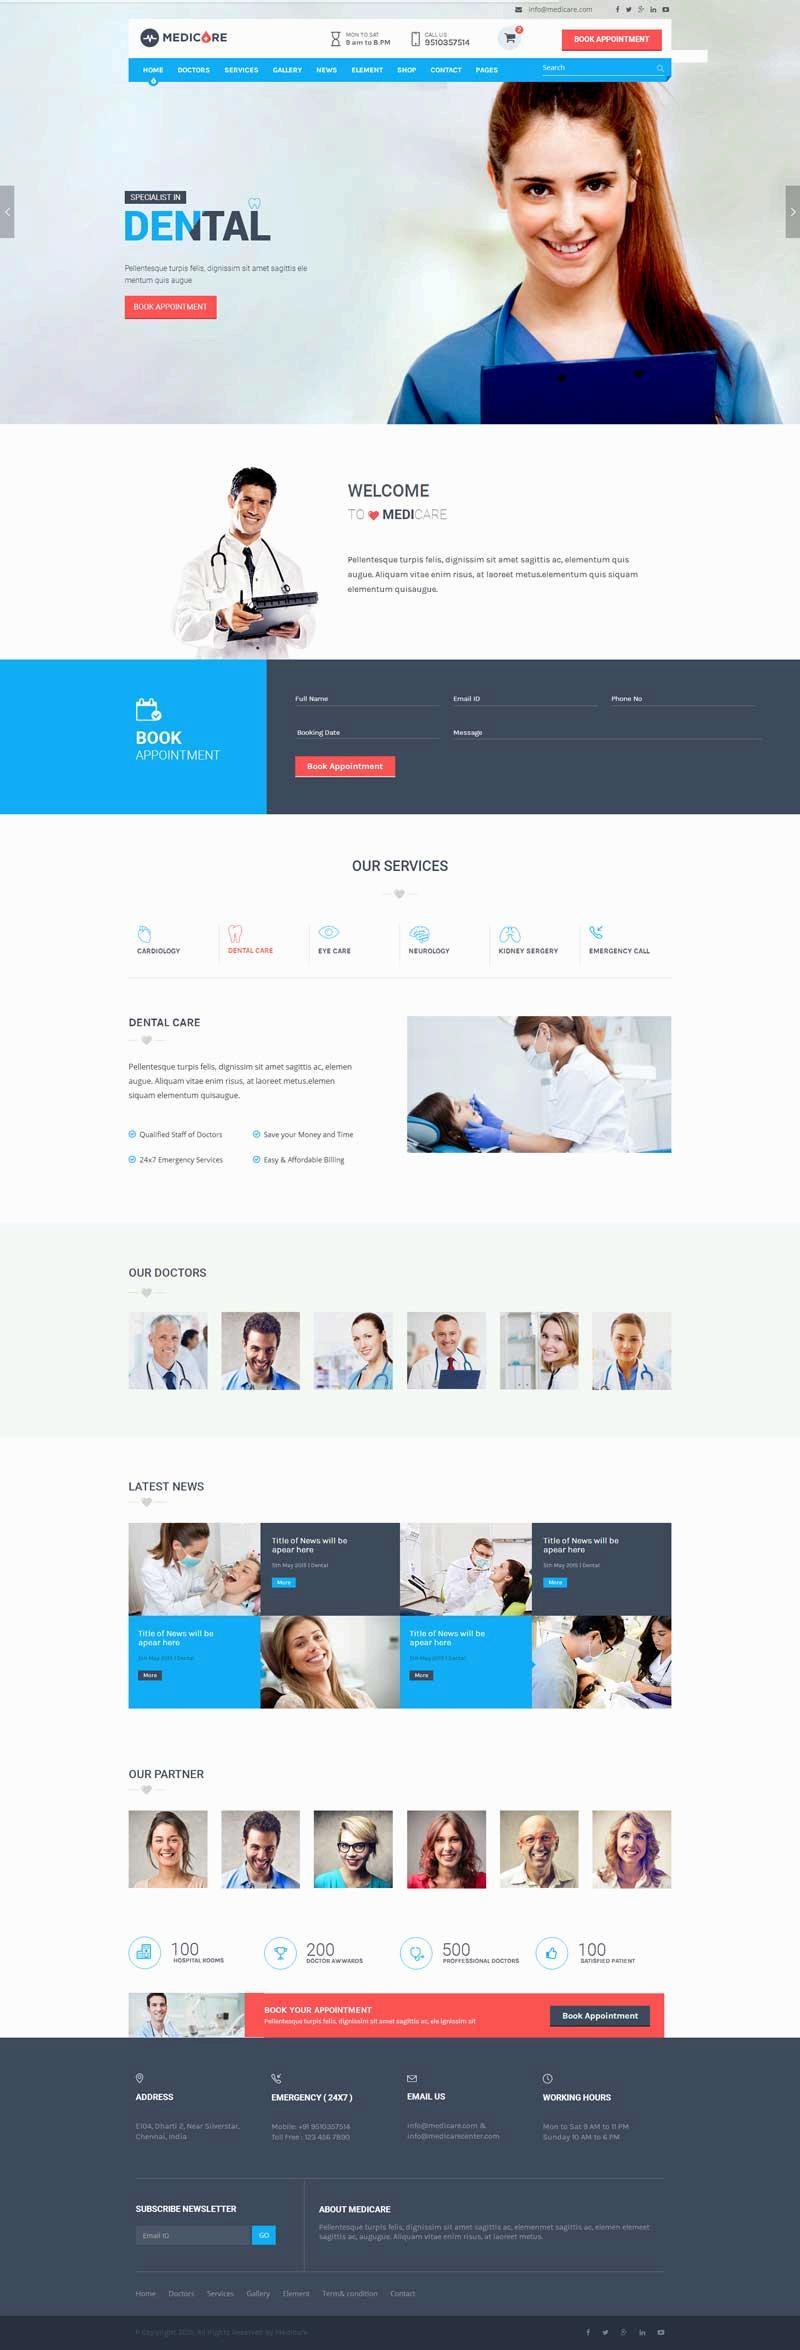 大气的医疗服务网站模板html整站